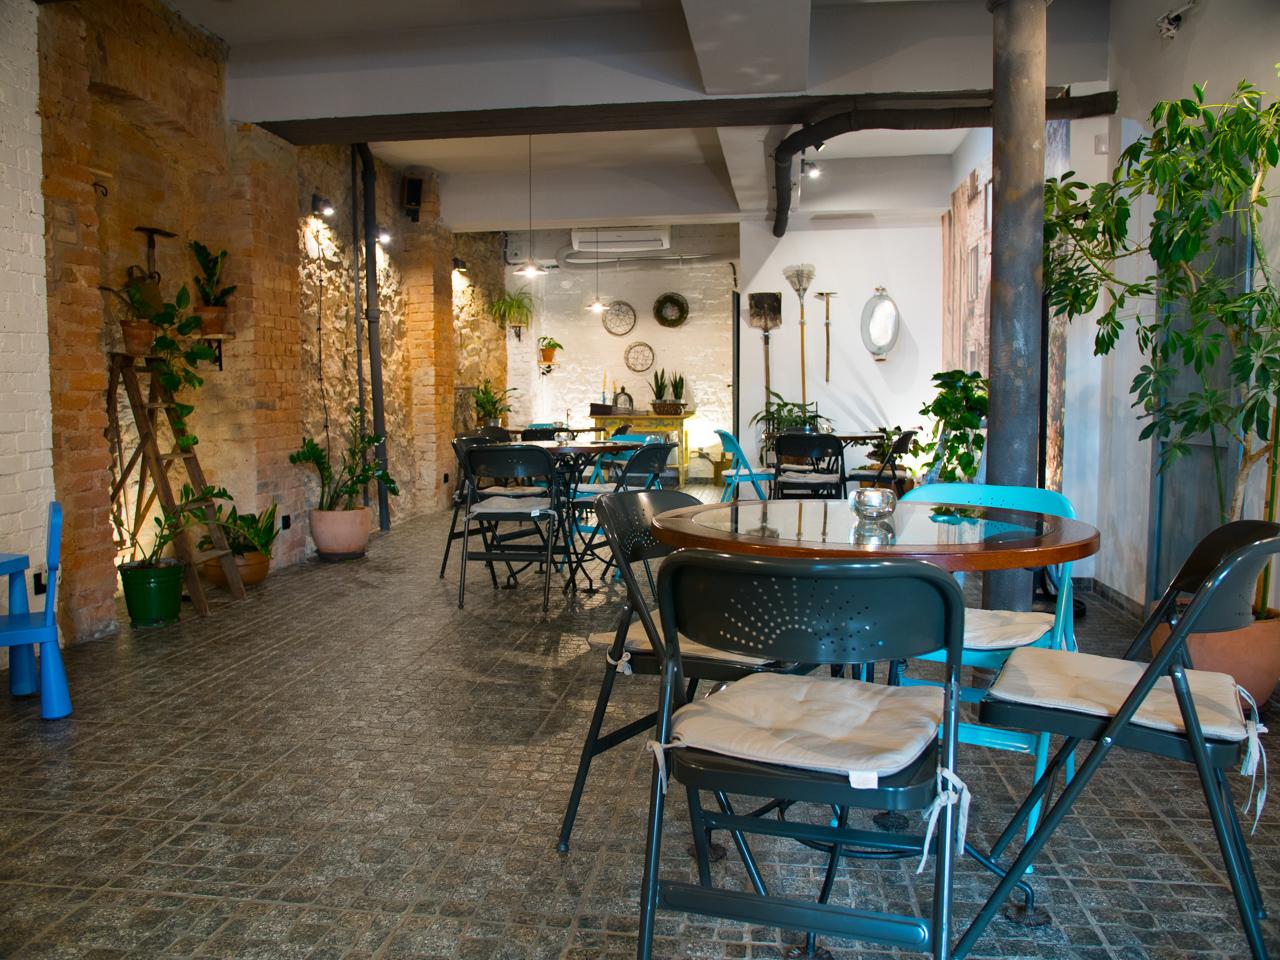 restauracja-pizzeria-coffee-street-gryfow-slaski-9